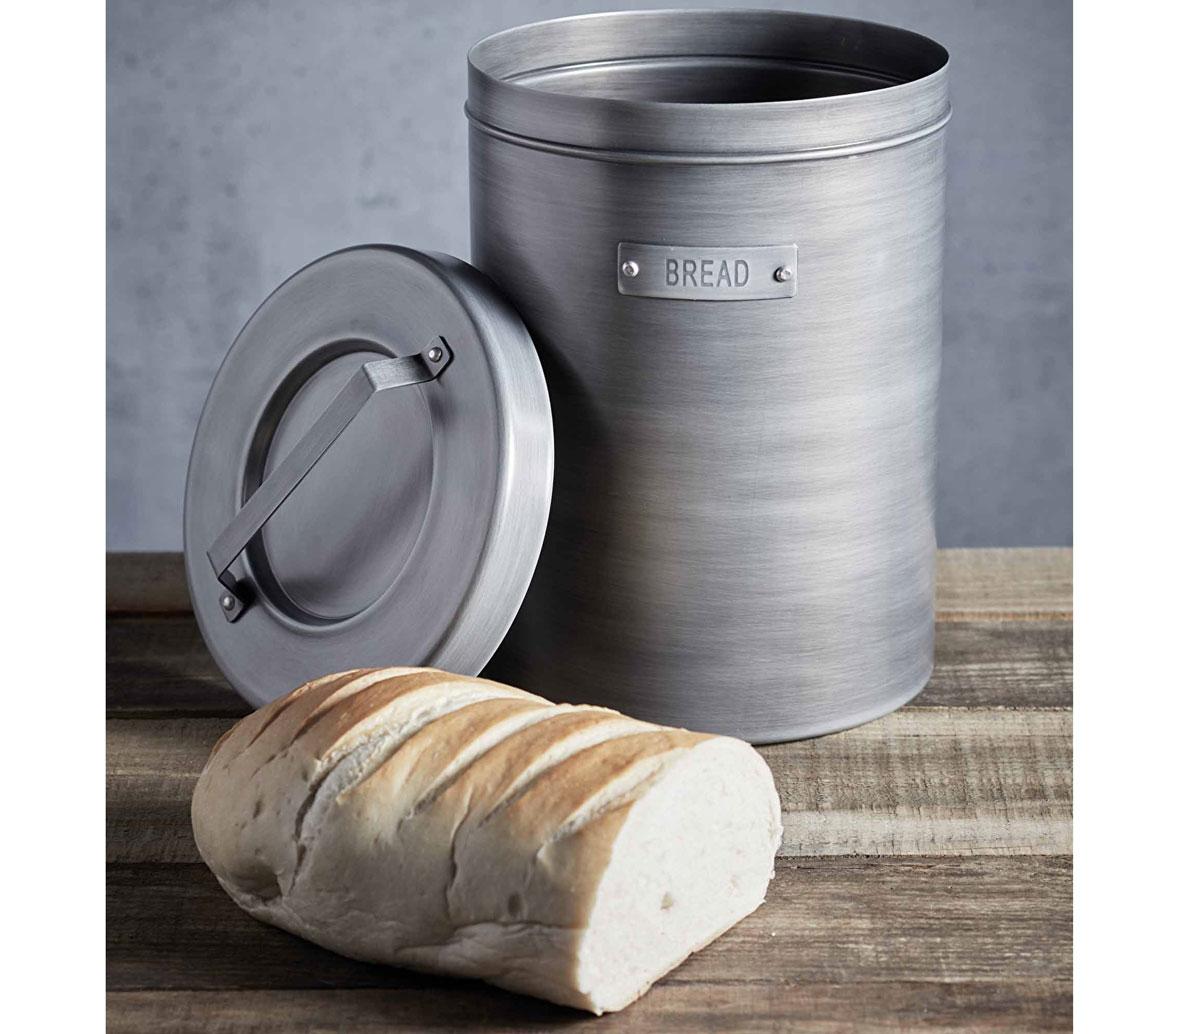 vianočná súťaž: cena Industriálna dóza na chlieb